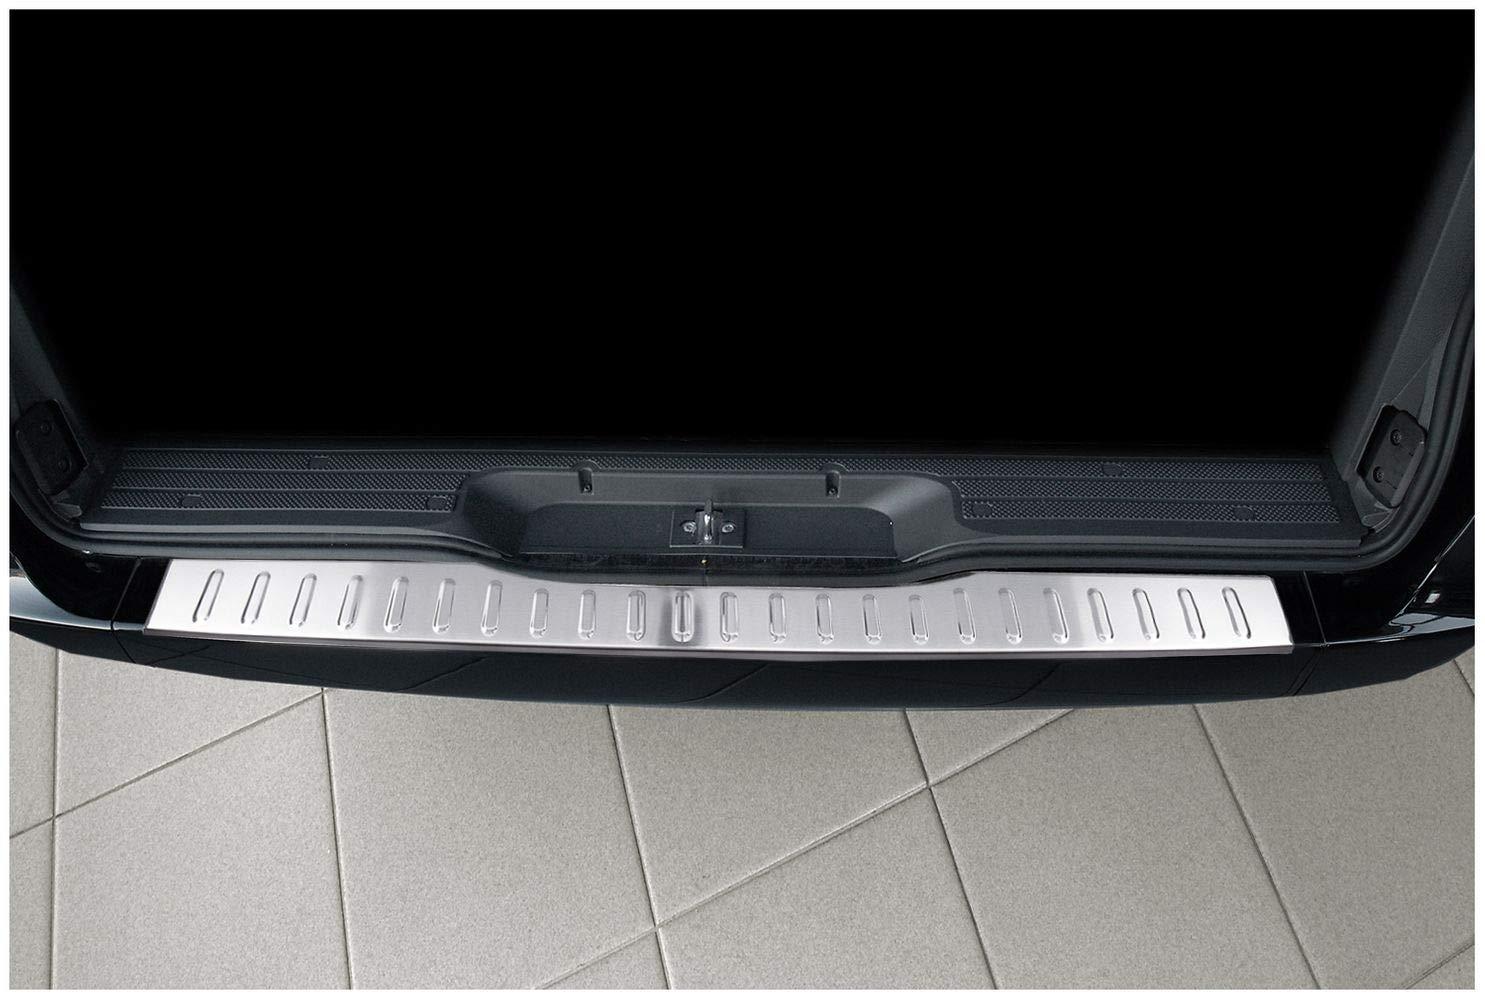 2003-2014 Viano Mercedes W639/Vito Molduras de acero inoxidable para ventanilla